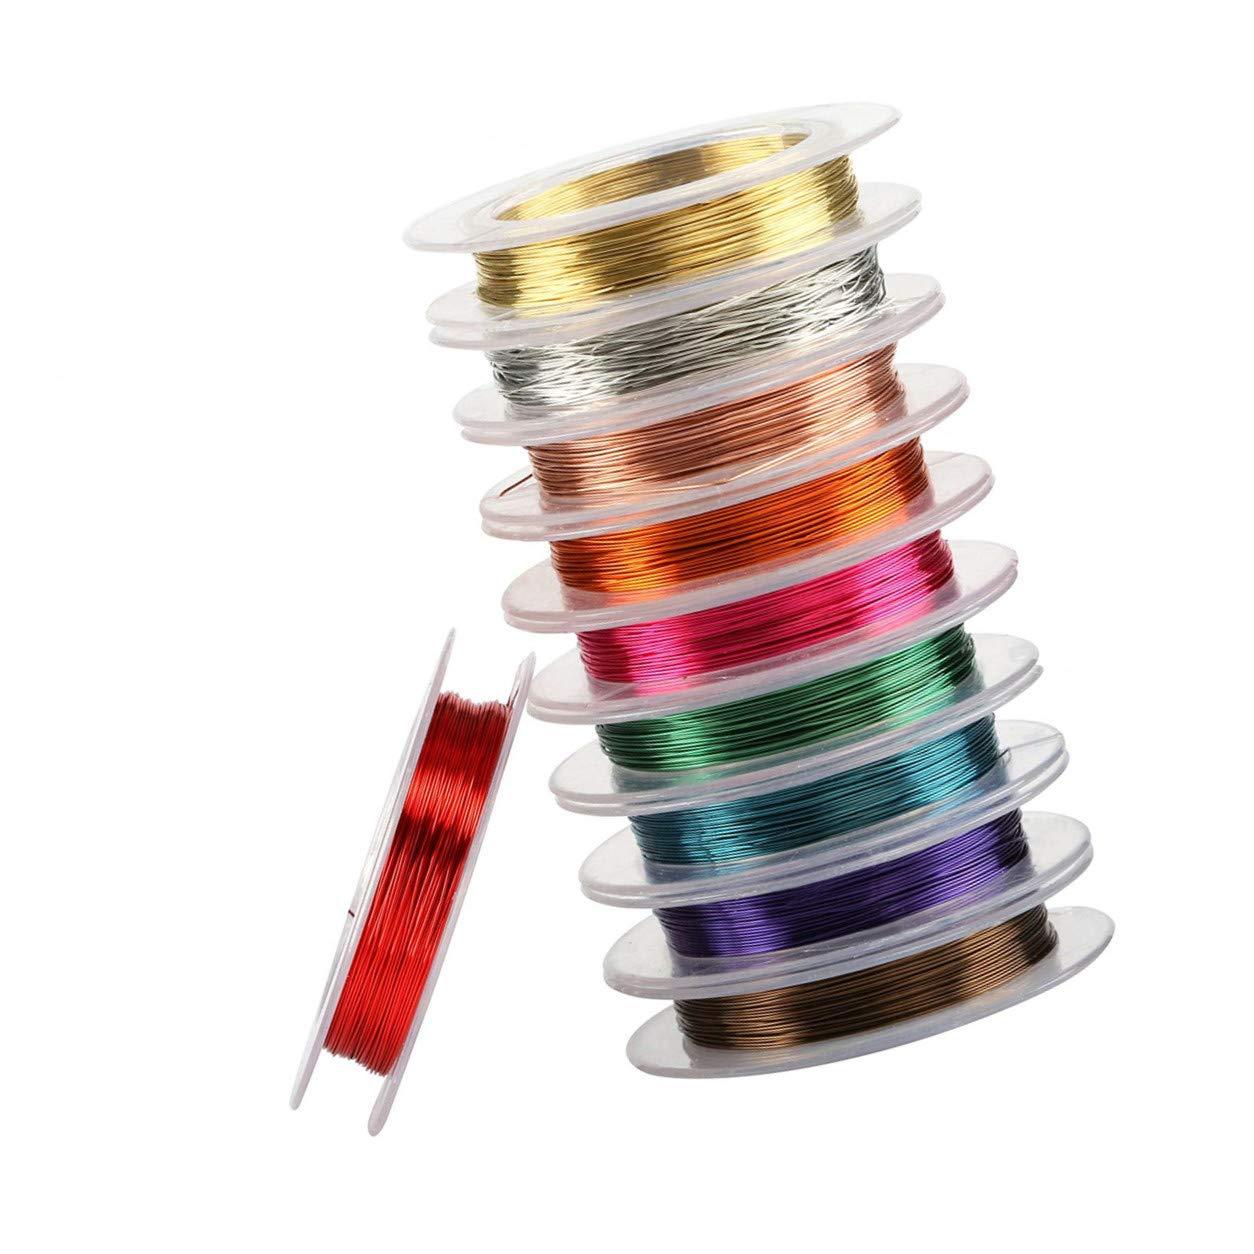 8f075598b04f bisuterí a Lvcky 10 Rollos de Alambre de Cobre de 0,3 mm de Color ...